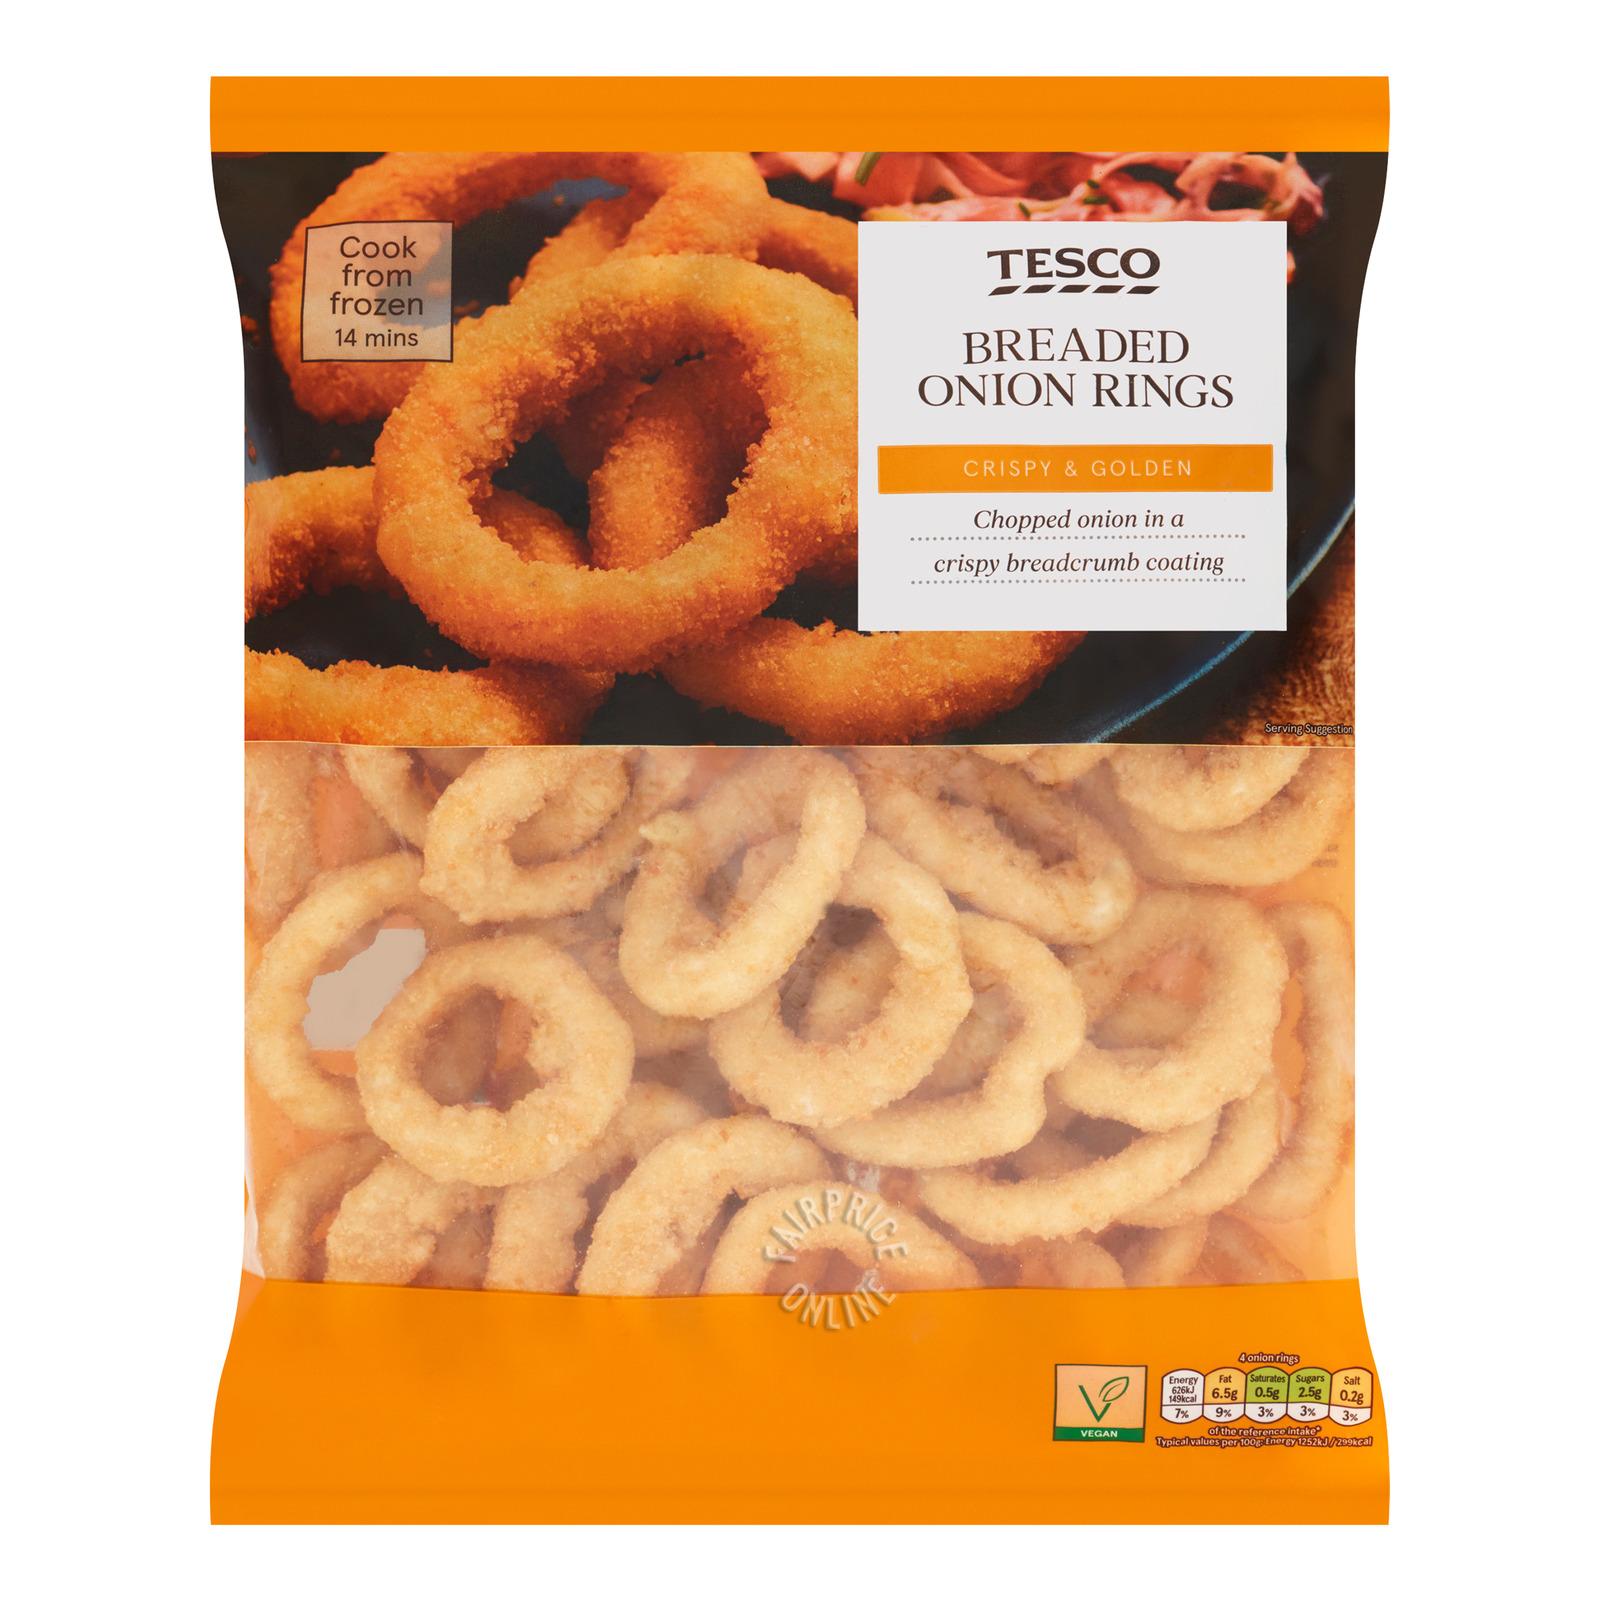 Tesco Breaded Onion Rings